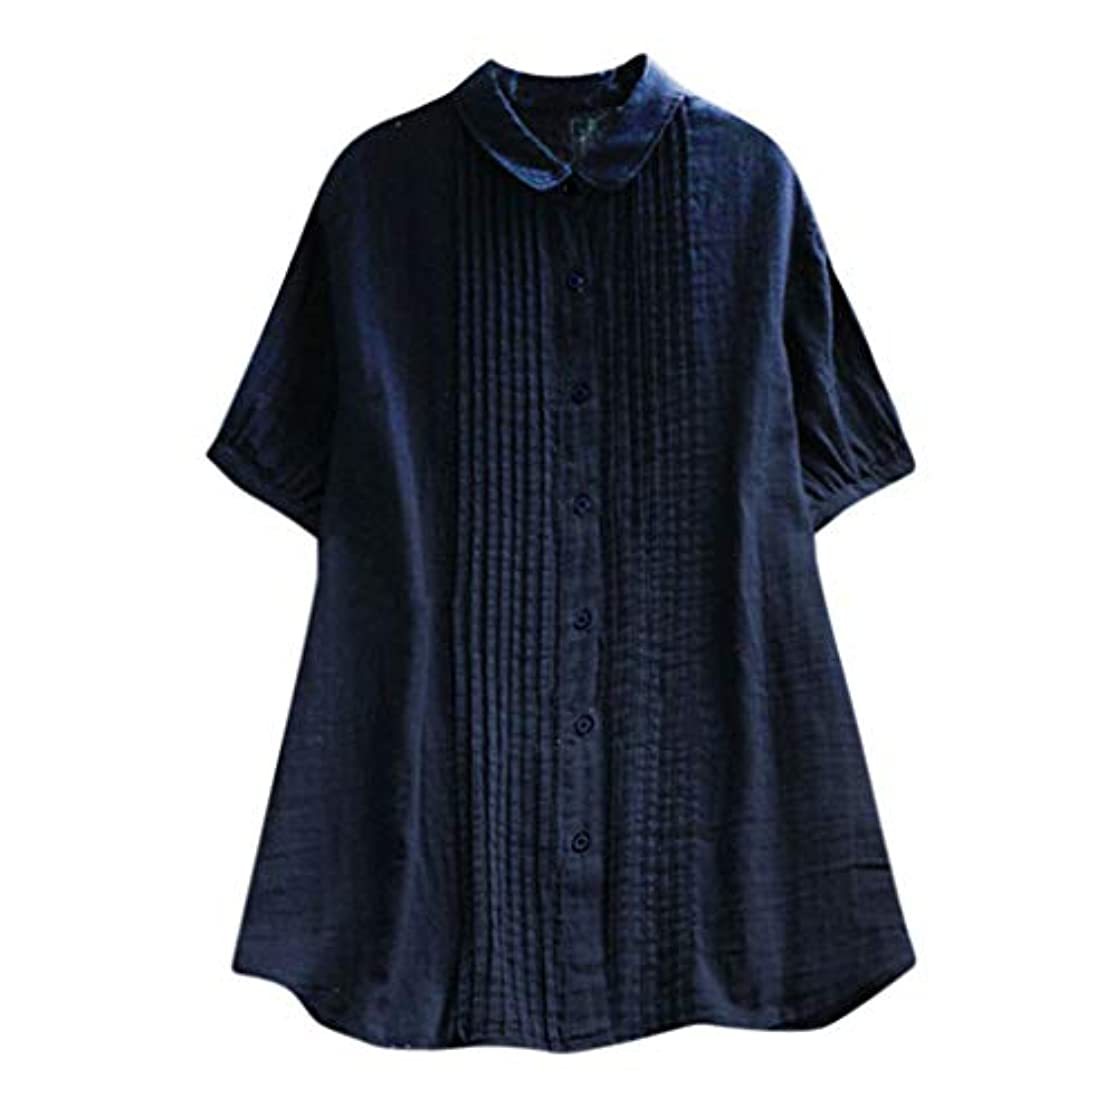 シアー植物学者喜劇女性の半袖Tシャツ - ピーターパンカラー夏緩い無地カジュアルダウントップスブラウス (青, 2XL)